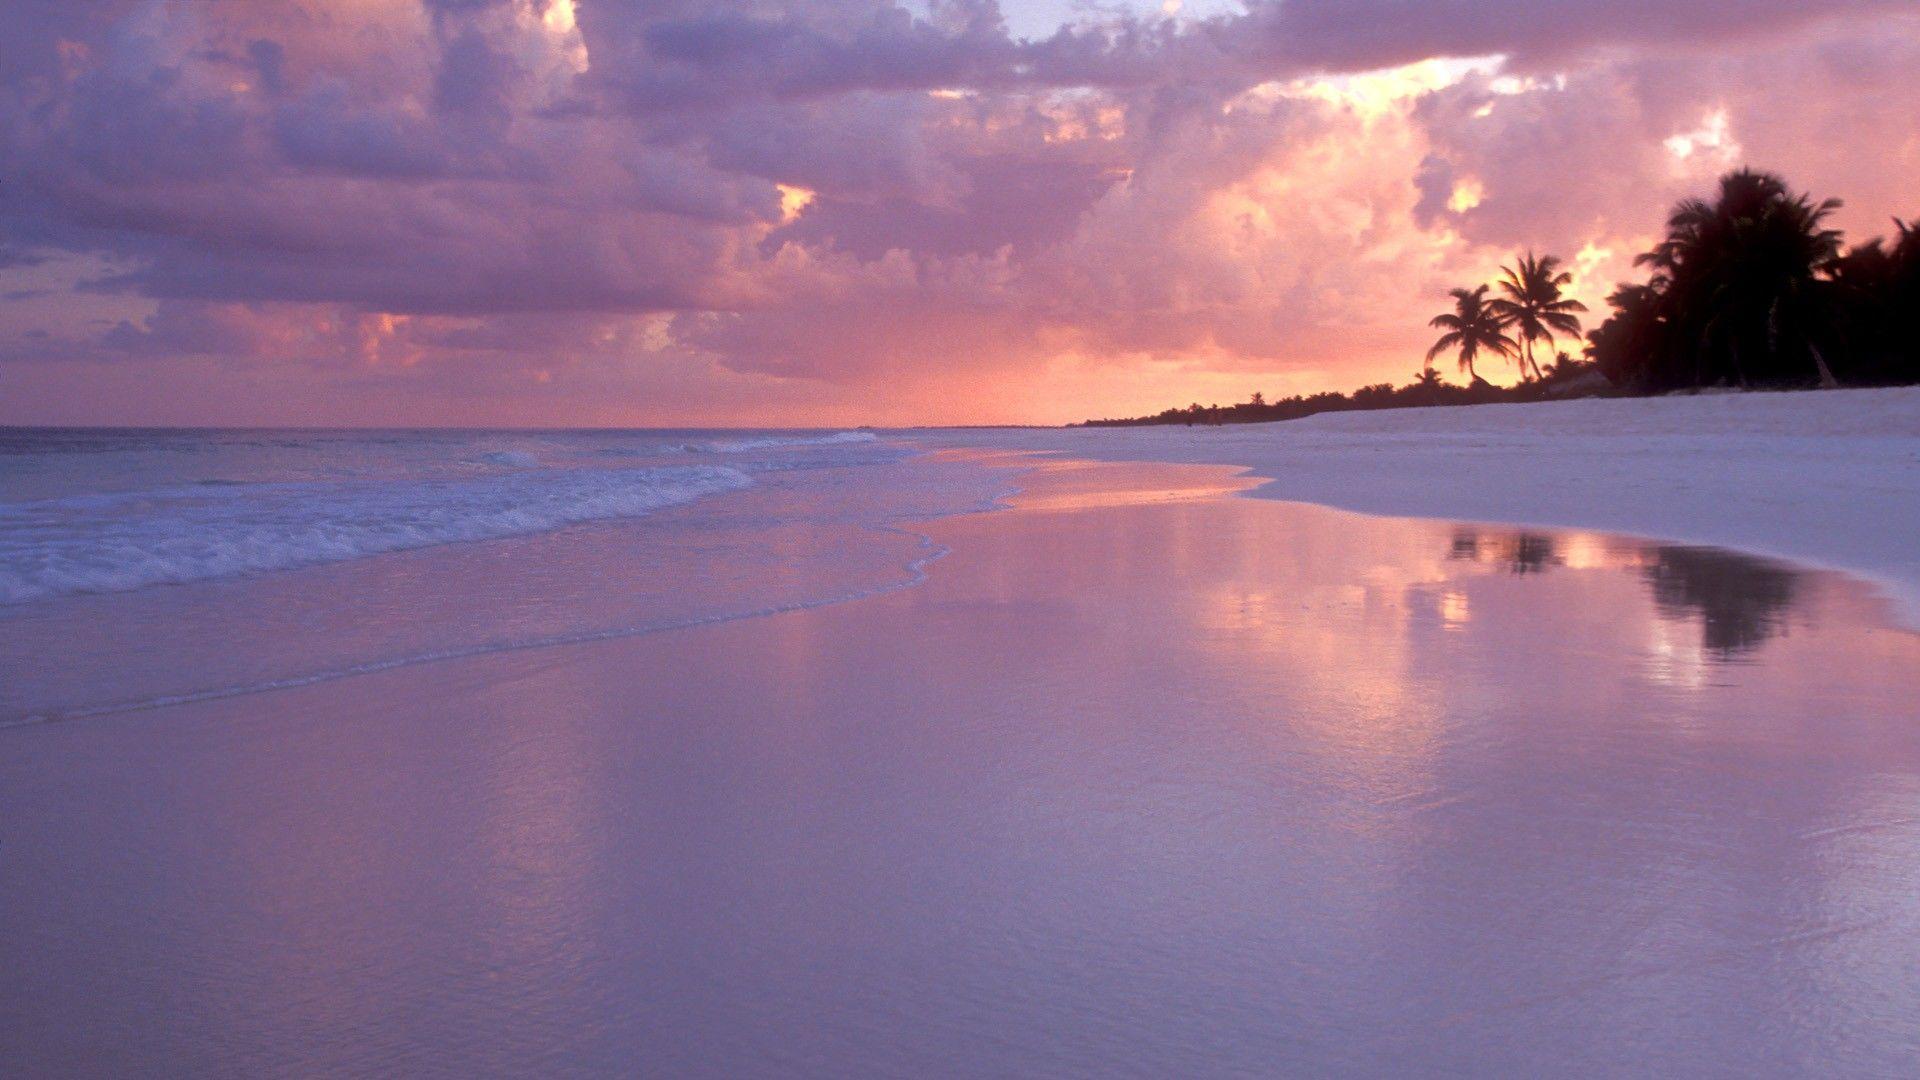 beach sunset backgrounds Sunset Beach Wallpaper